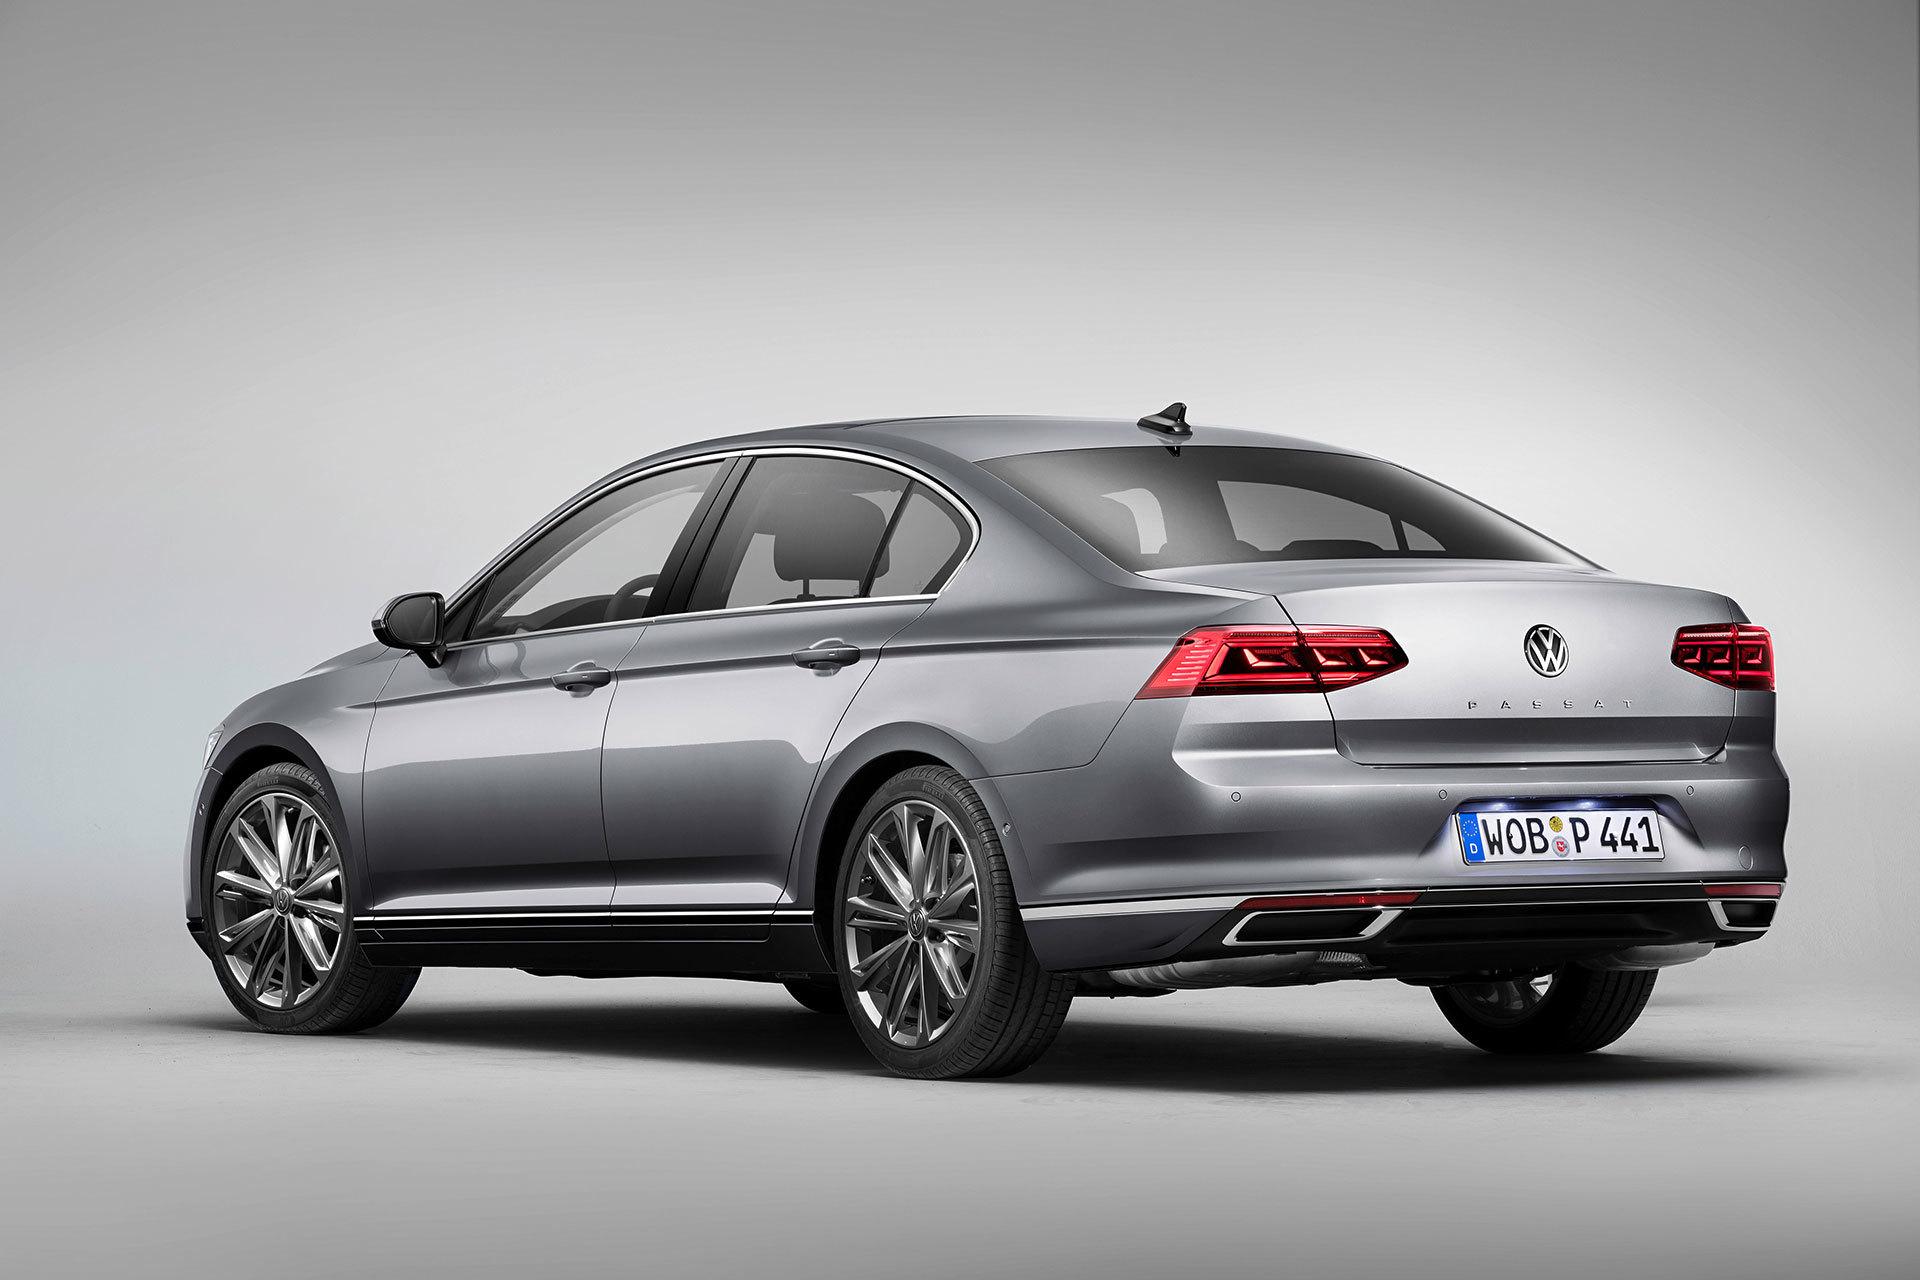 Volkswagen Passat 2019 Gris Exterior 01 Trasera